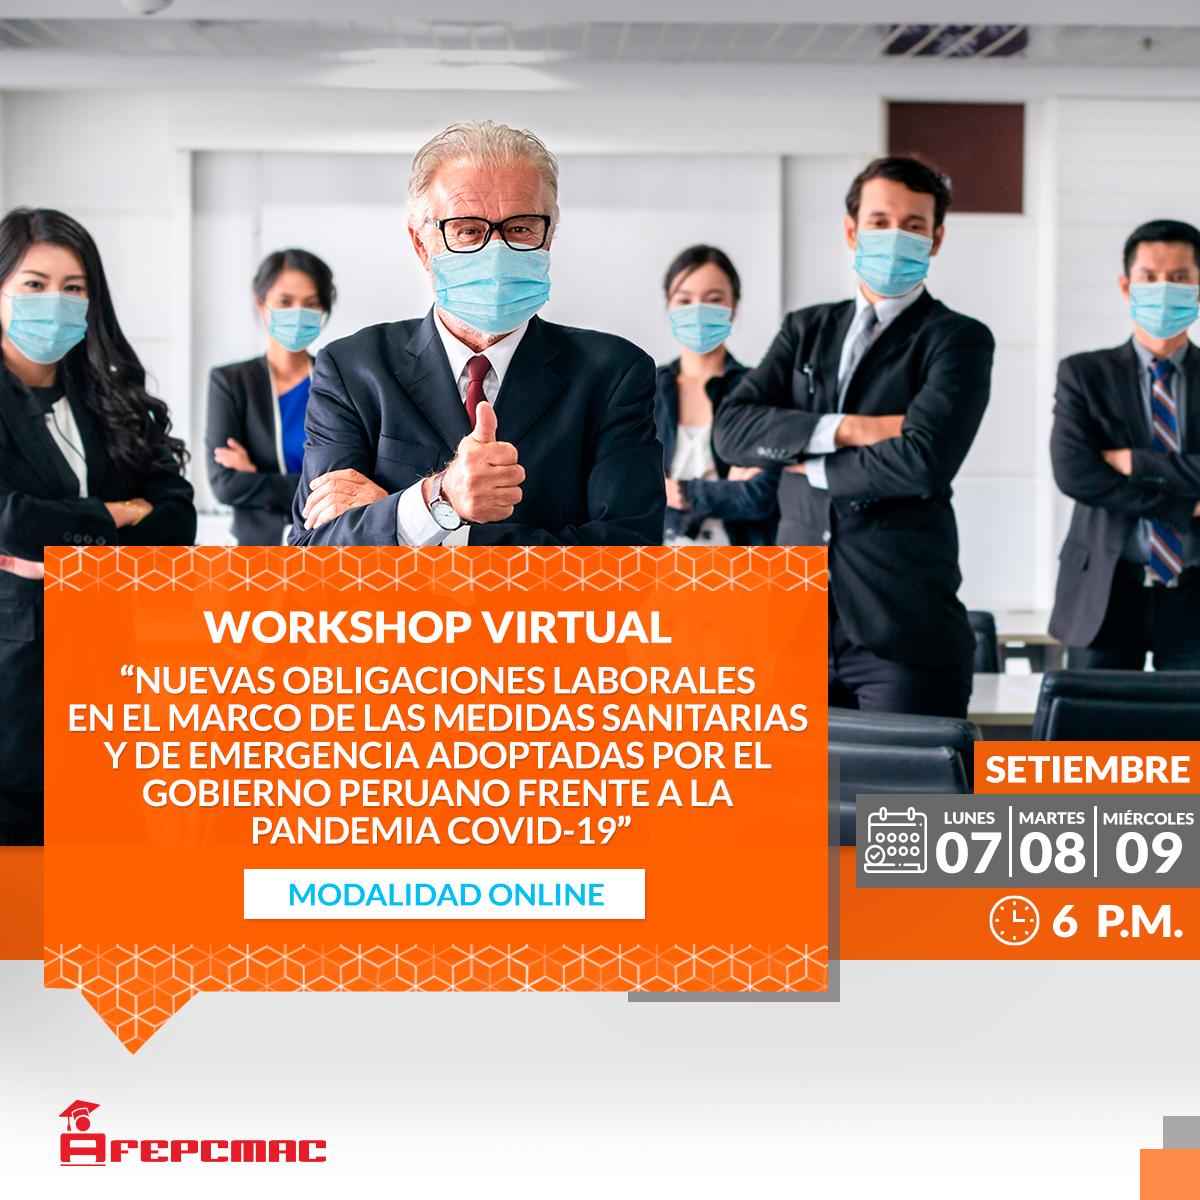 FEPCMAC_workshop_de_microfinanzas_PROTOCOLOS_DE_BIOSEGURIDAD